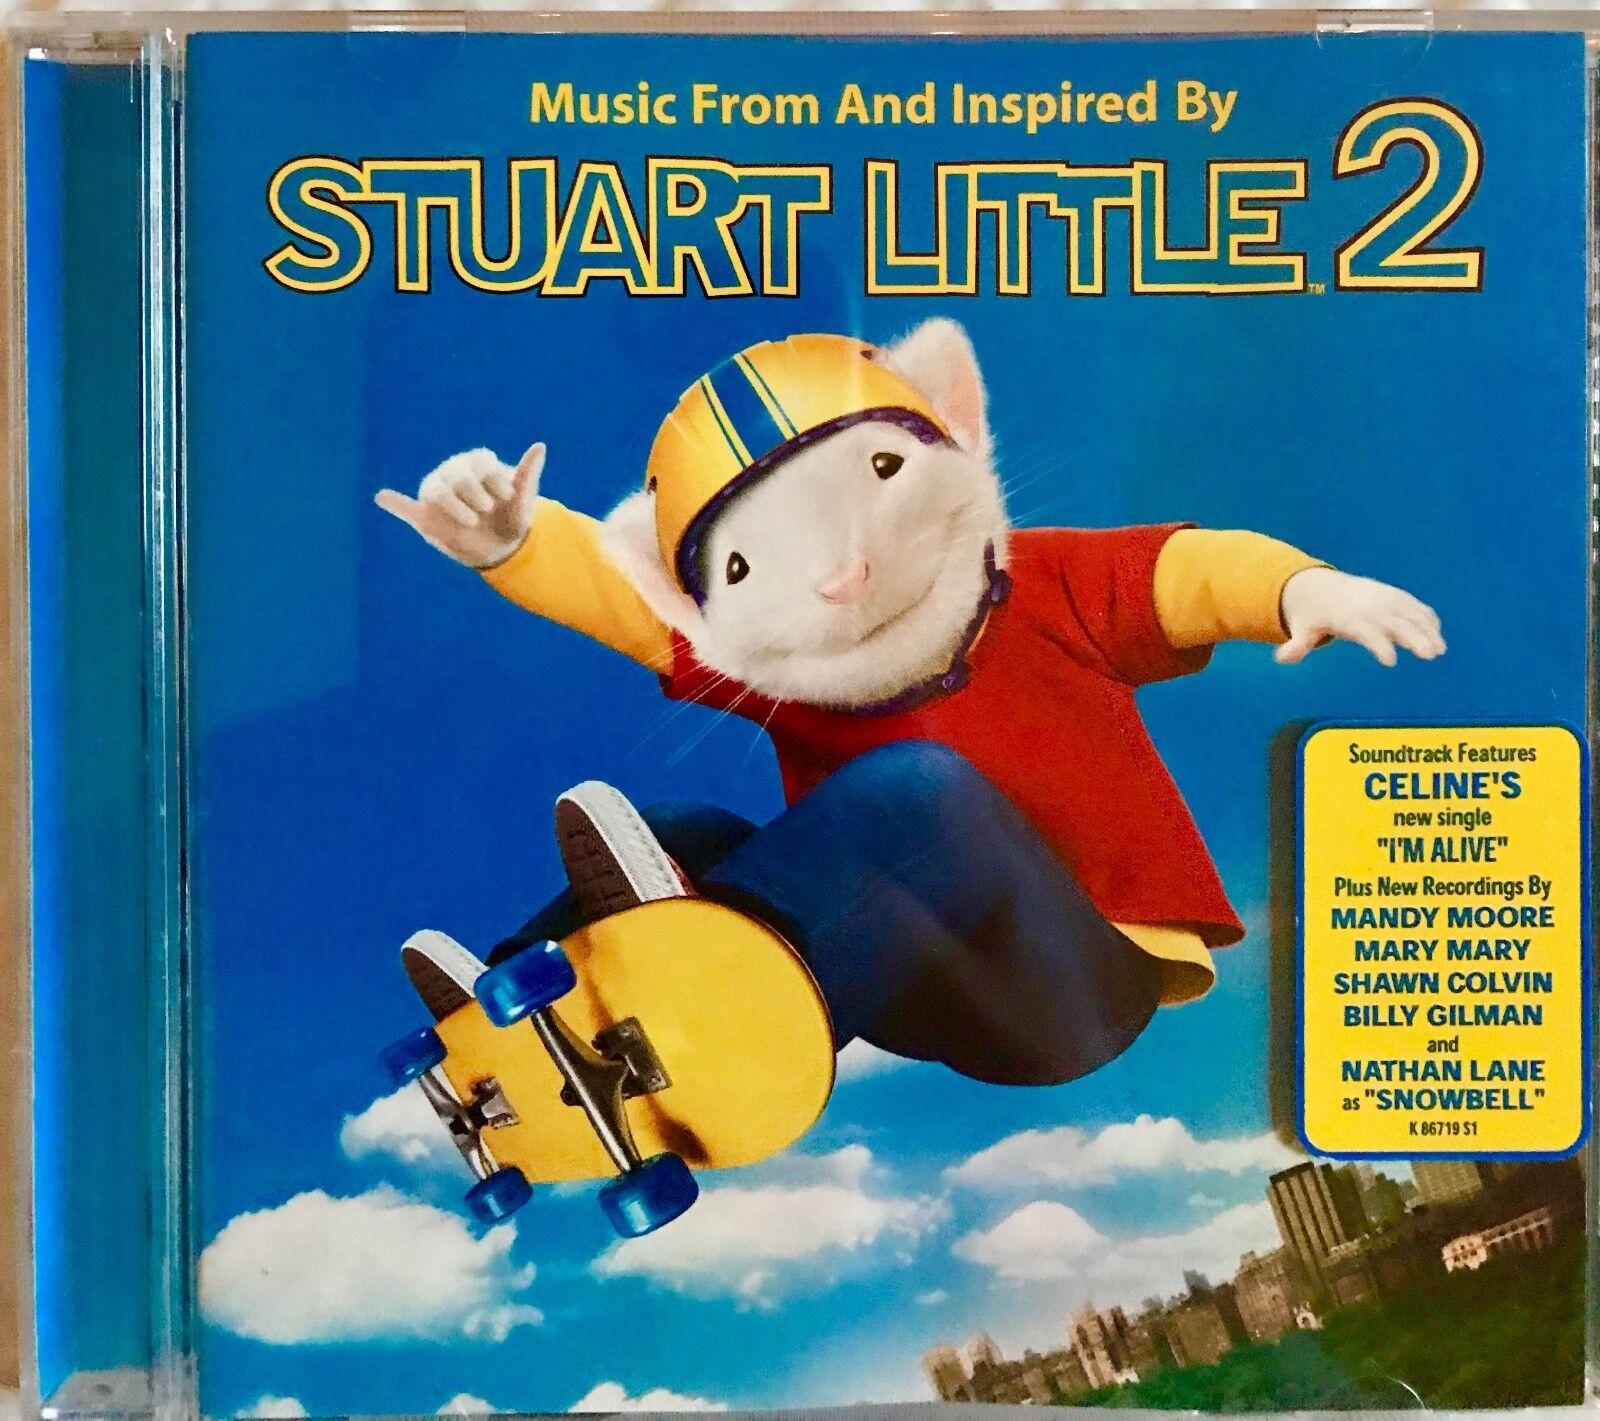 Stuart Little 2 By Original Soundtrack CD Jul 2002 Sony Music Distribution USA